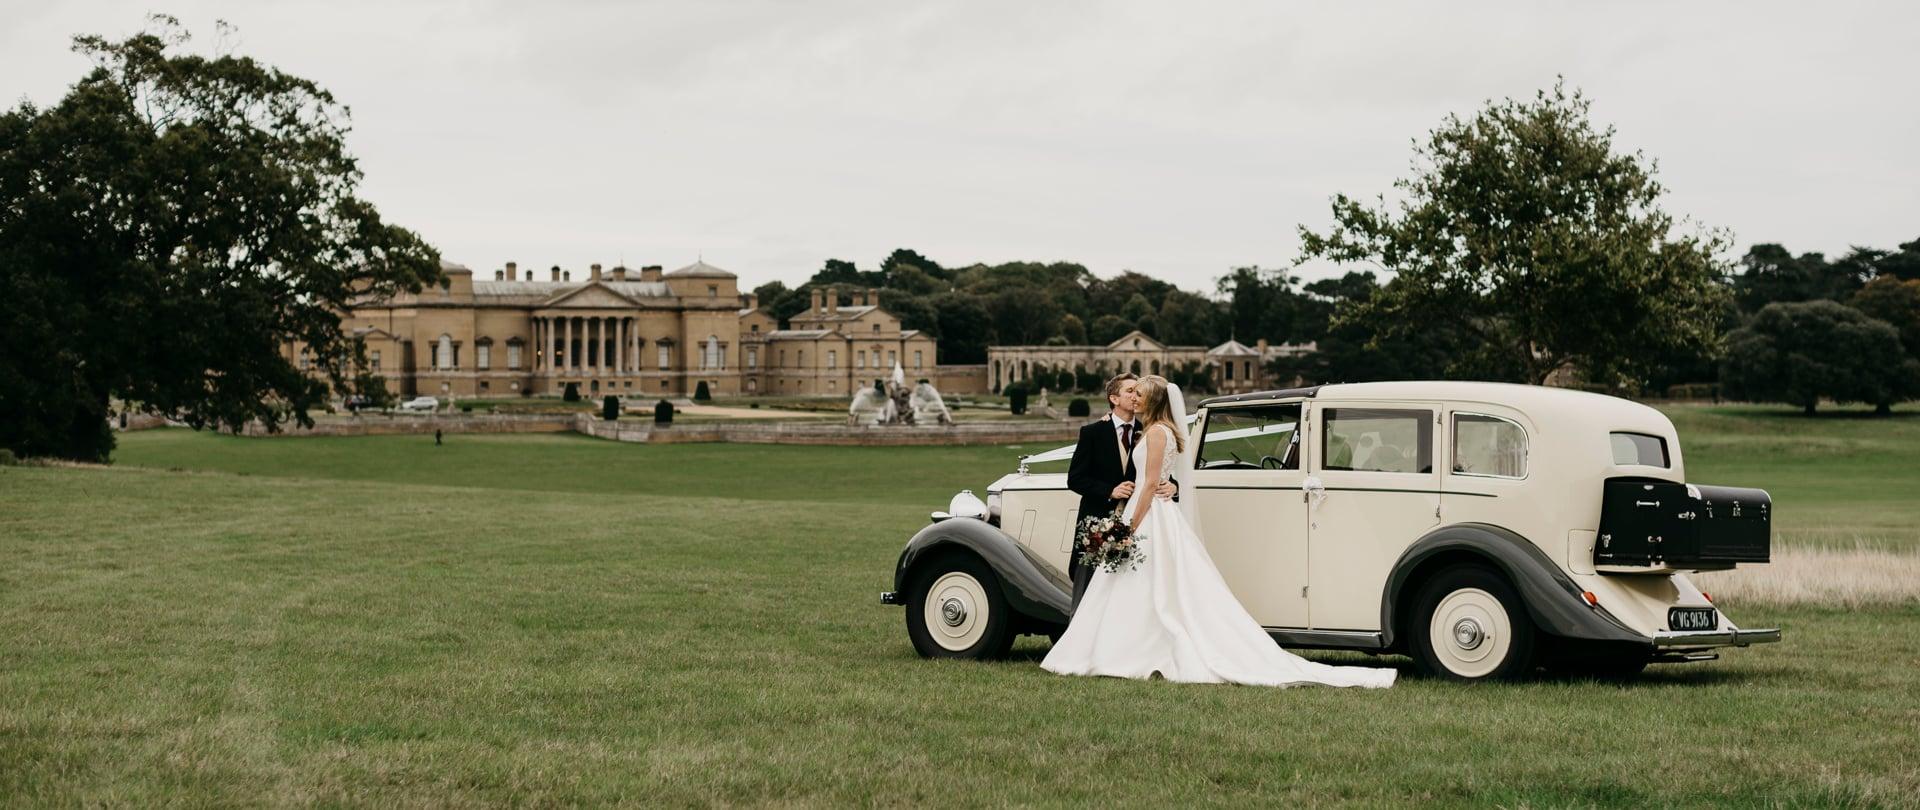 Lara & Charles Wedding Video Filmed at Norfolk, England